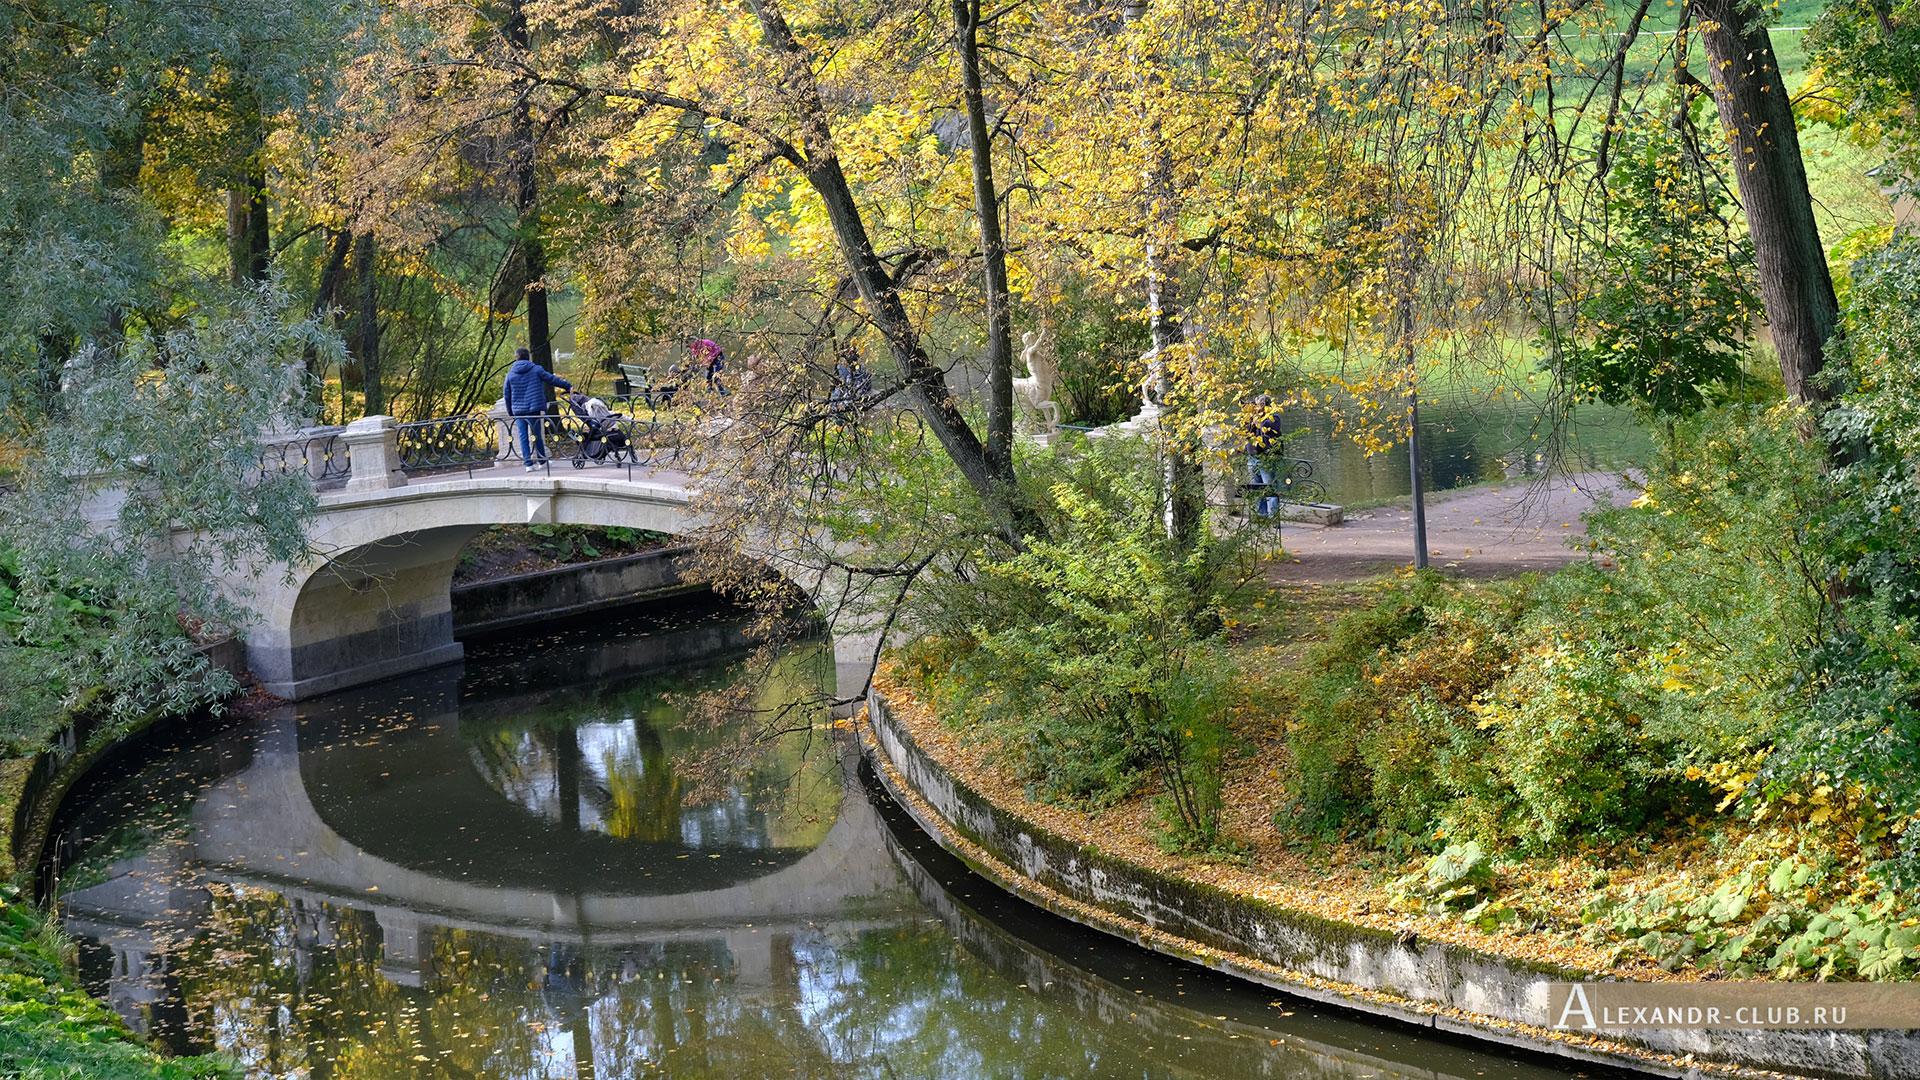 Павловск, осень, Павловский парк, мост Кентавров